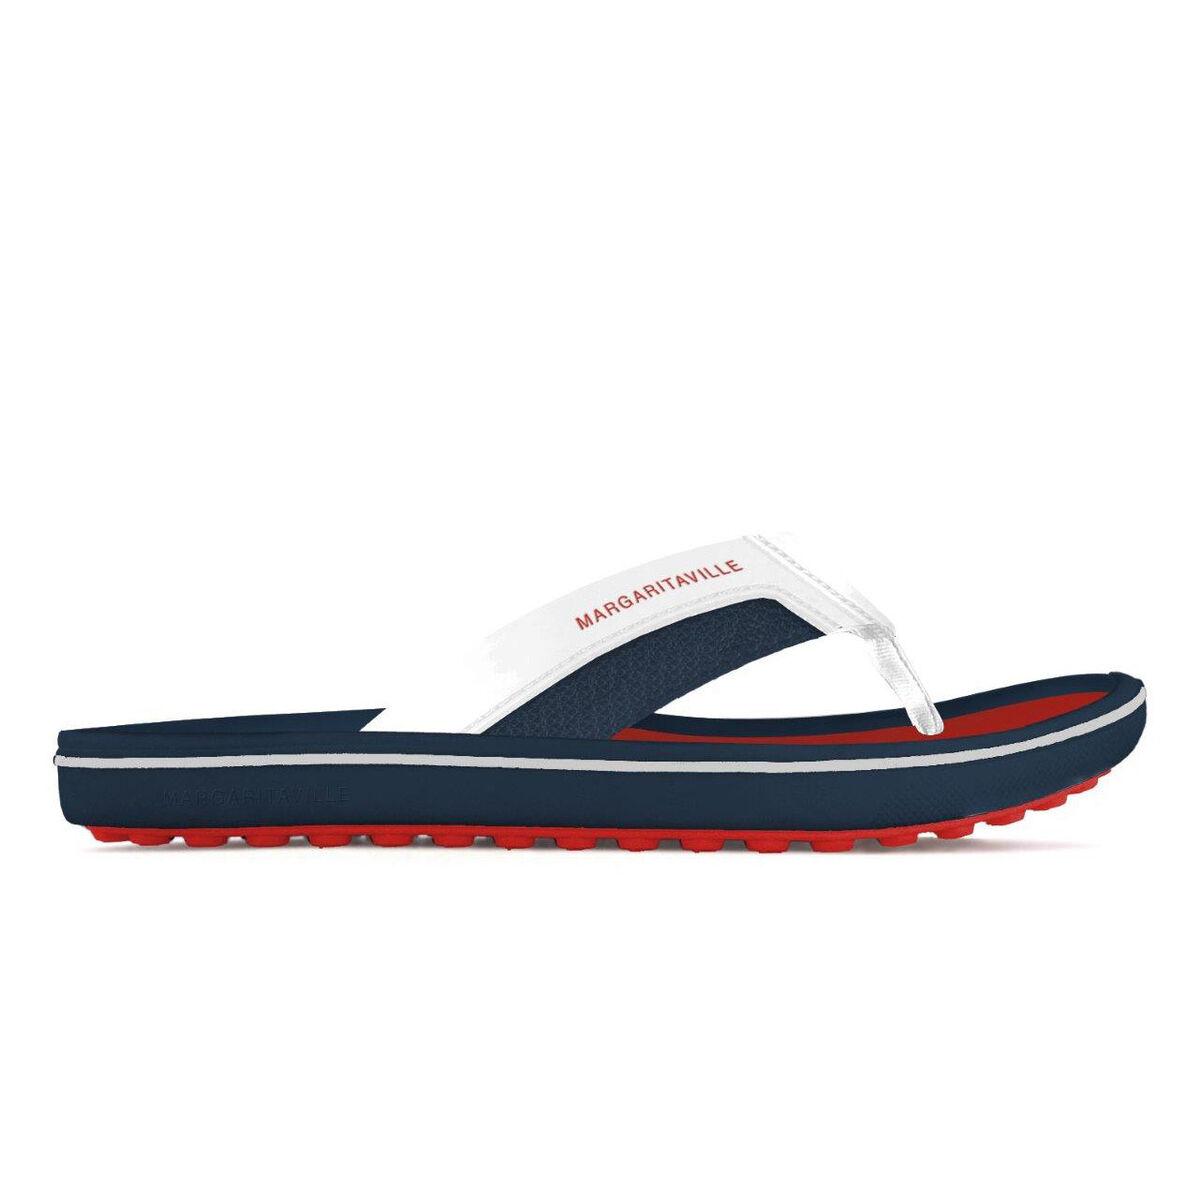 acf88d1e3110 Margaritaville FOOT WEDGE Men s Golf Sandal - Red White Blue